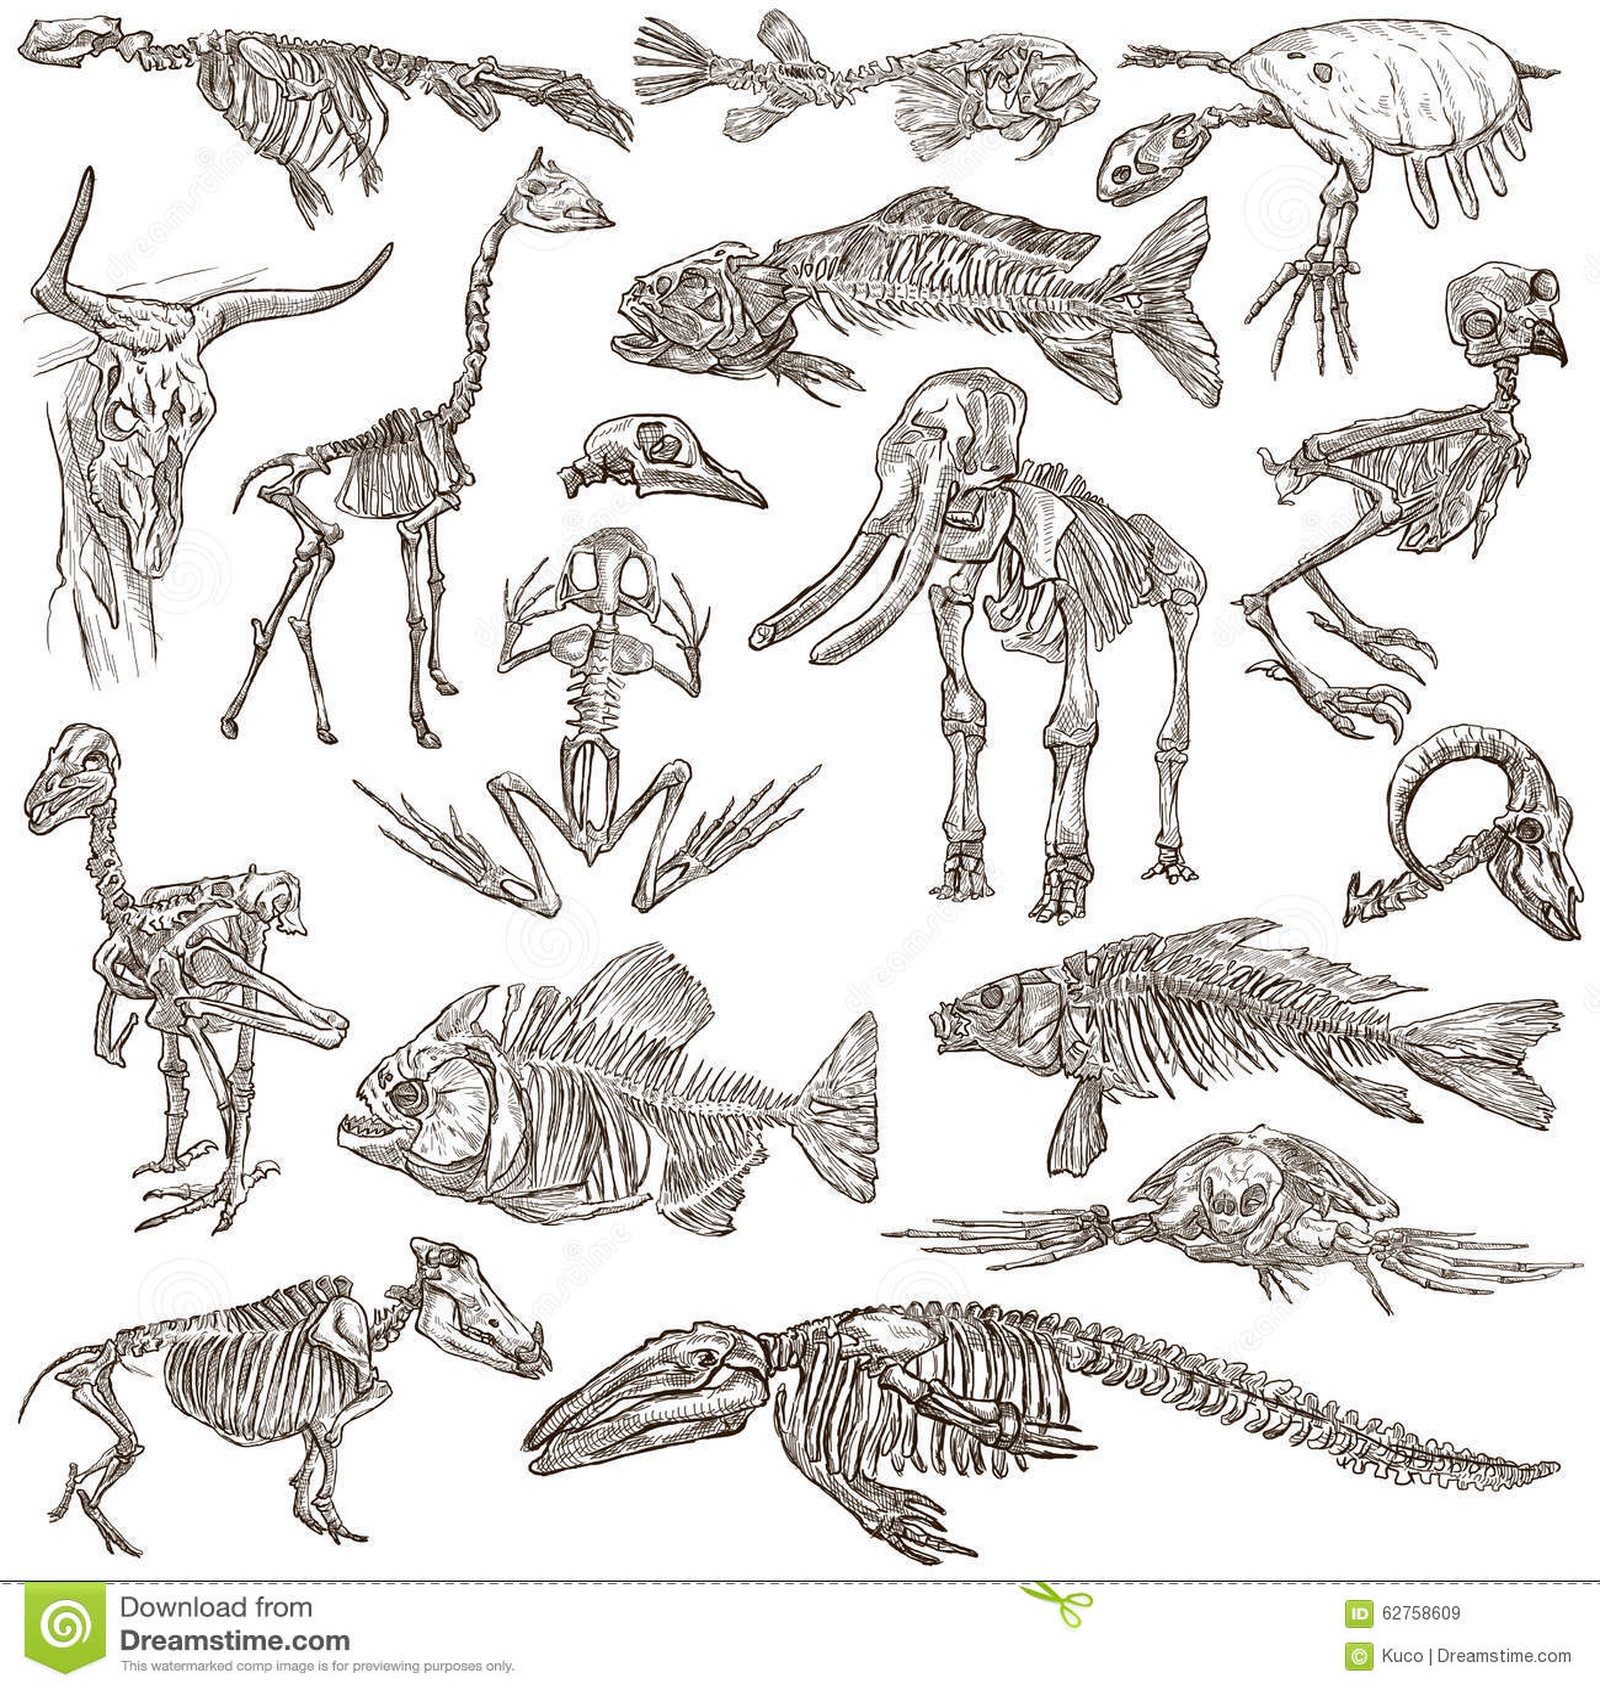 Huesos Y Cráneos De Diversos Animales - Freehands Stock de ...